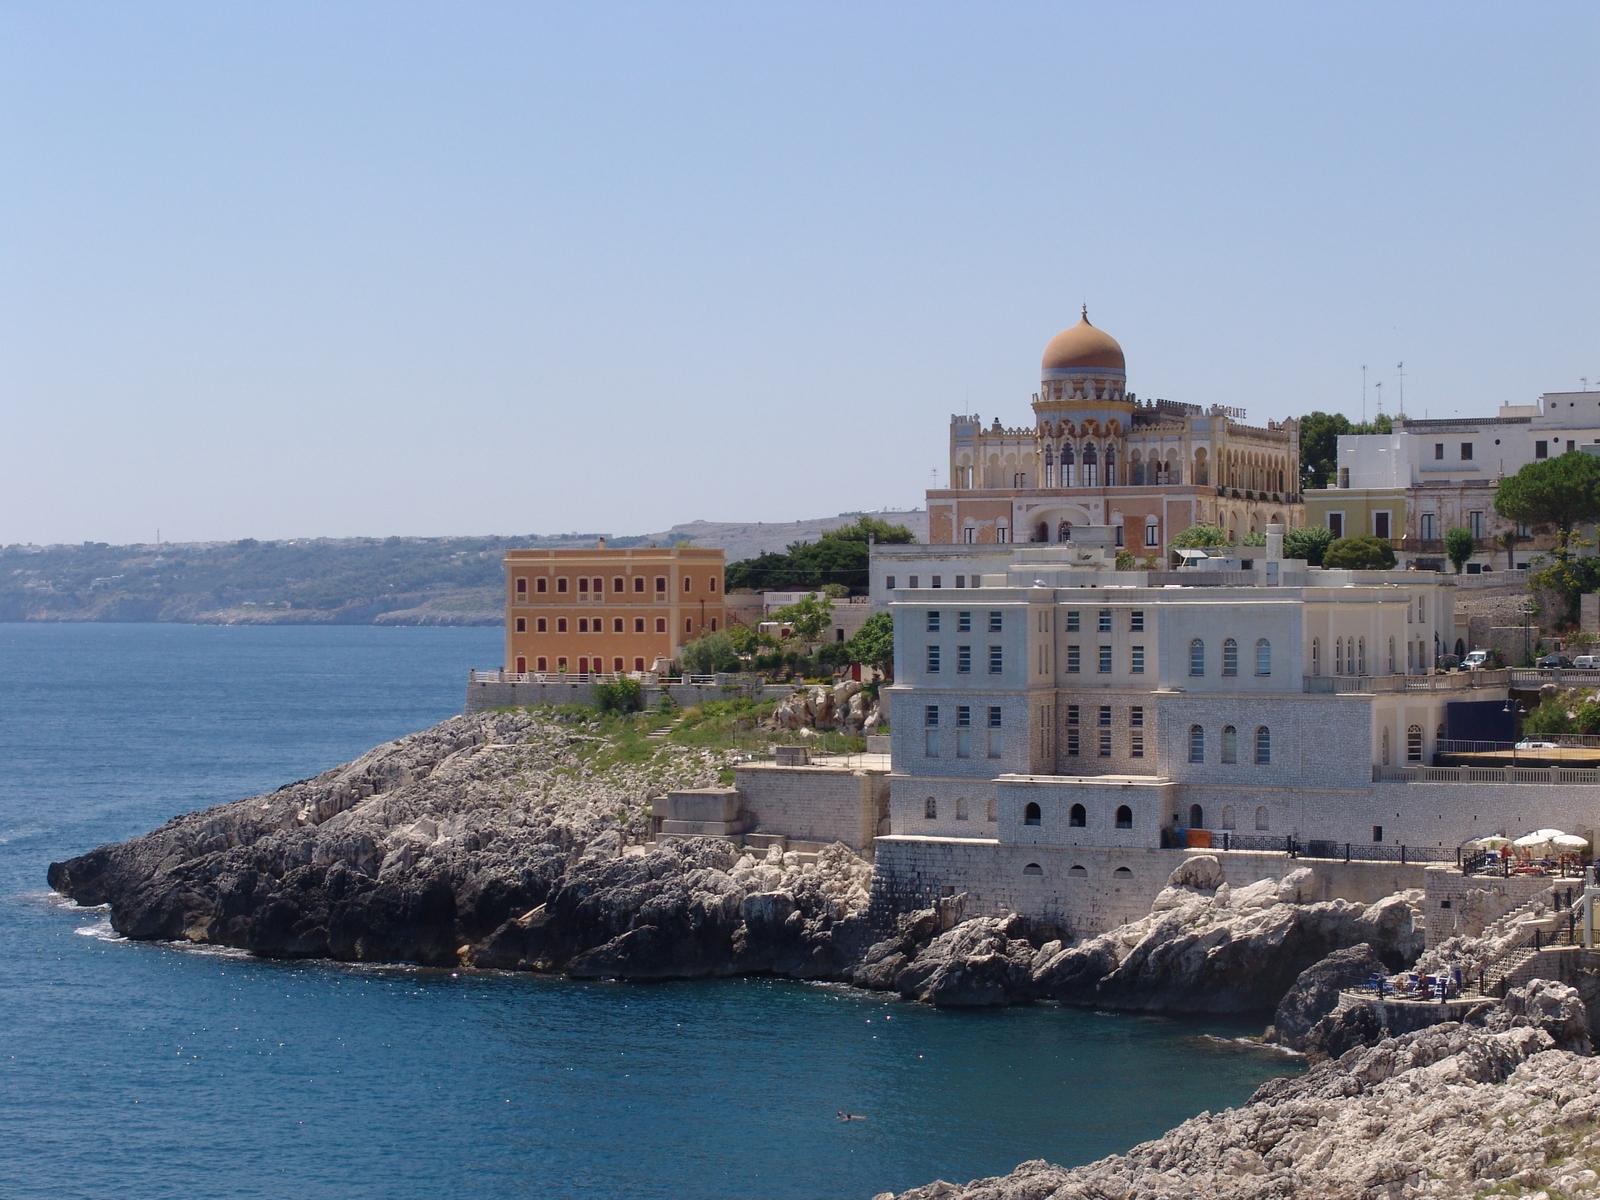 Vacanza o weekend senza rinunciare al sole e al benessere. Le terme al mare più belle d'Italia